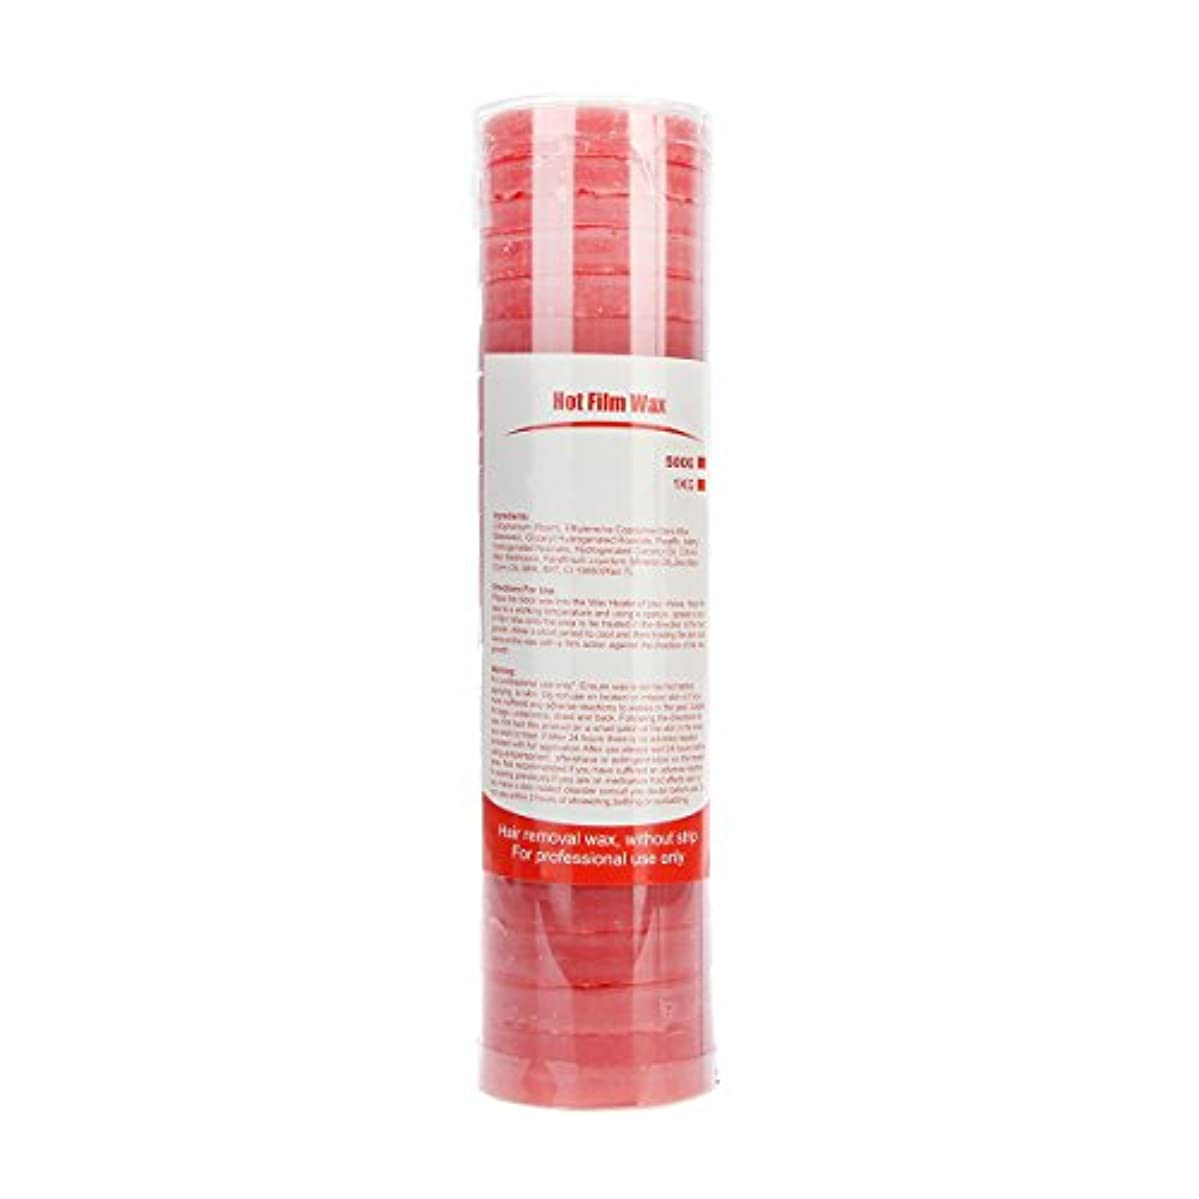 パン屋堤防応用(アーニェメイ)Bonjanvy ハードワックス 脱毛 ビーズ 500g 1缶 ブラジリアンワックス 鼻毛 スティック 2本 セット-ローズ